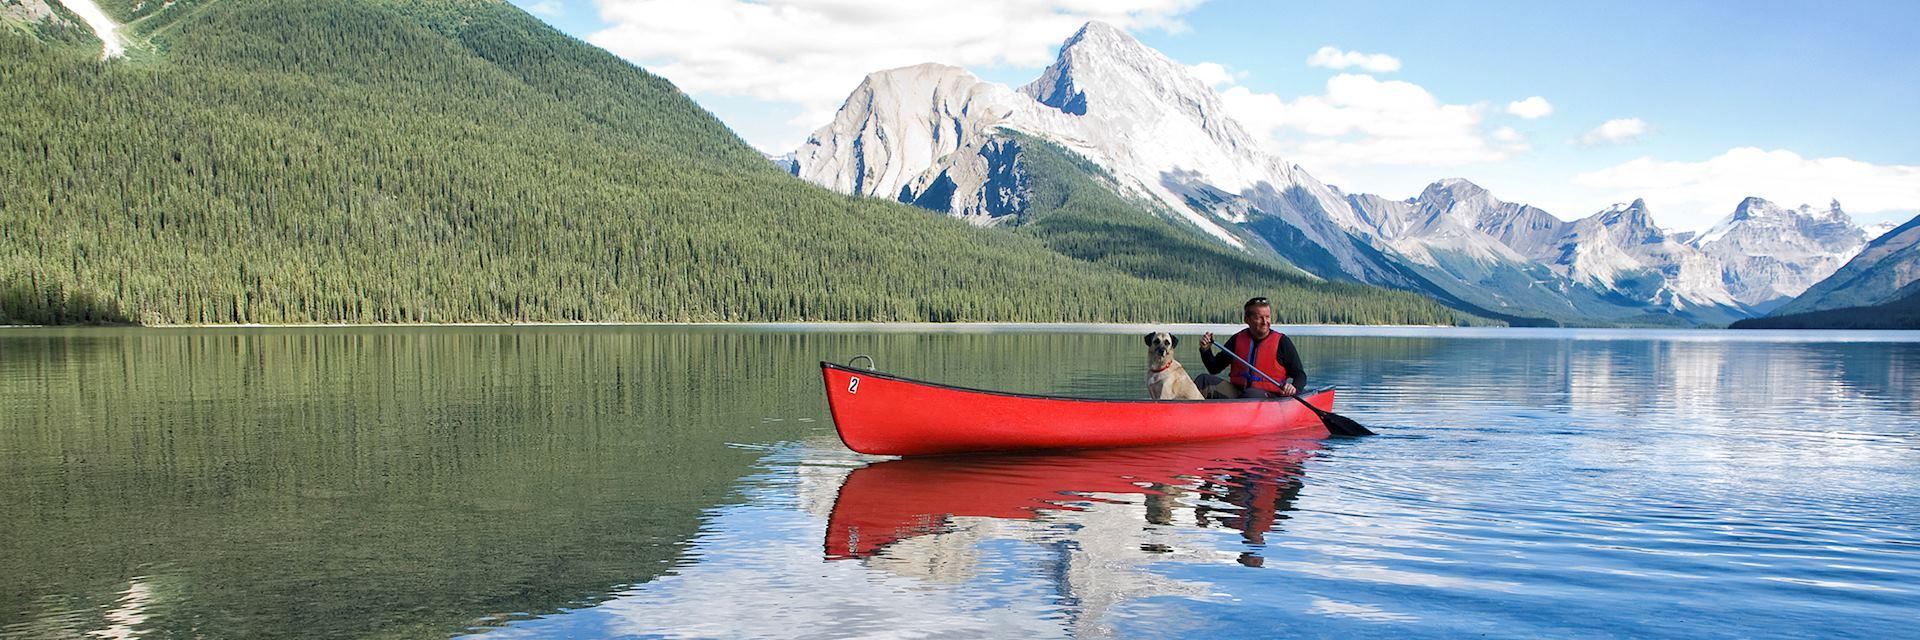 Maligne Lake canoeing